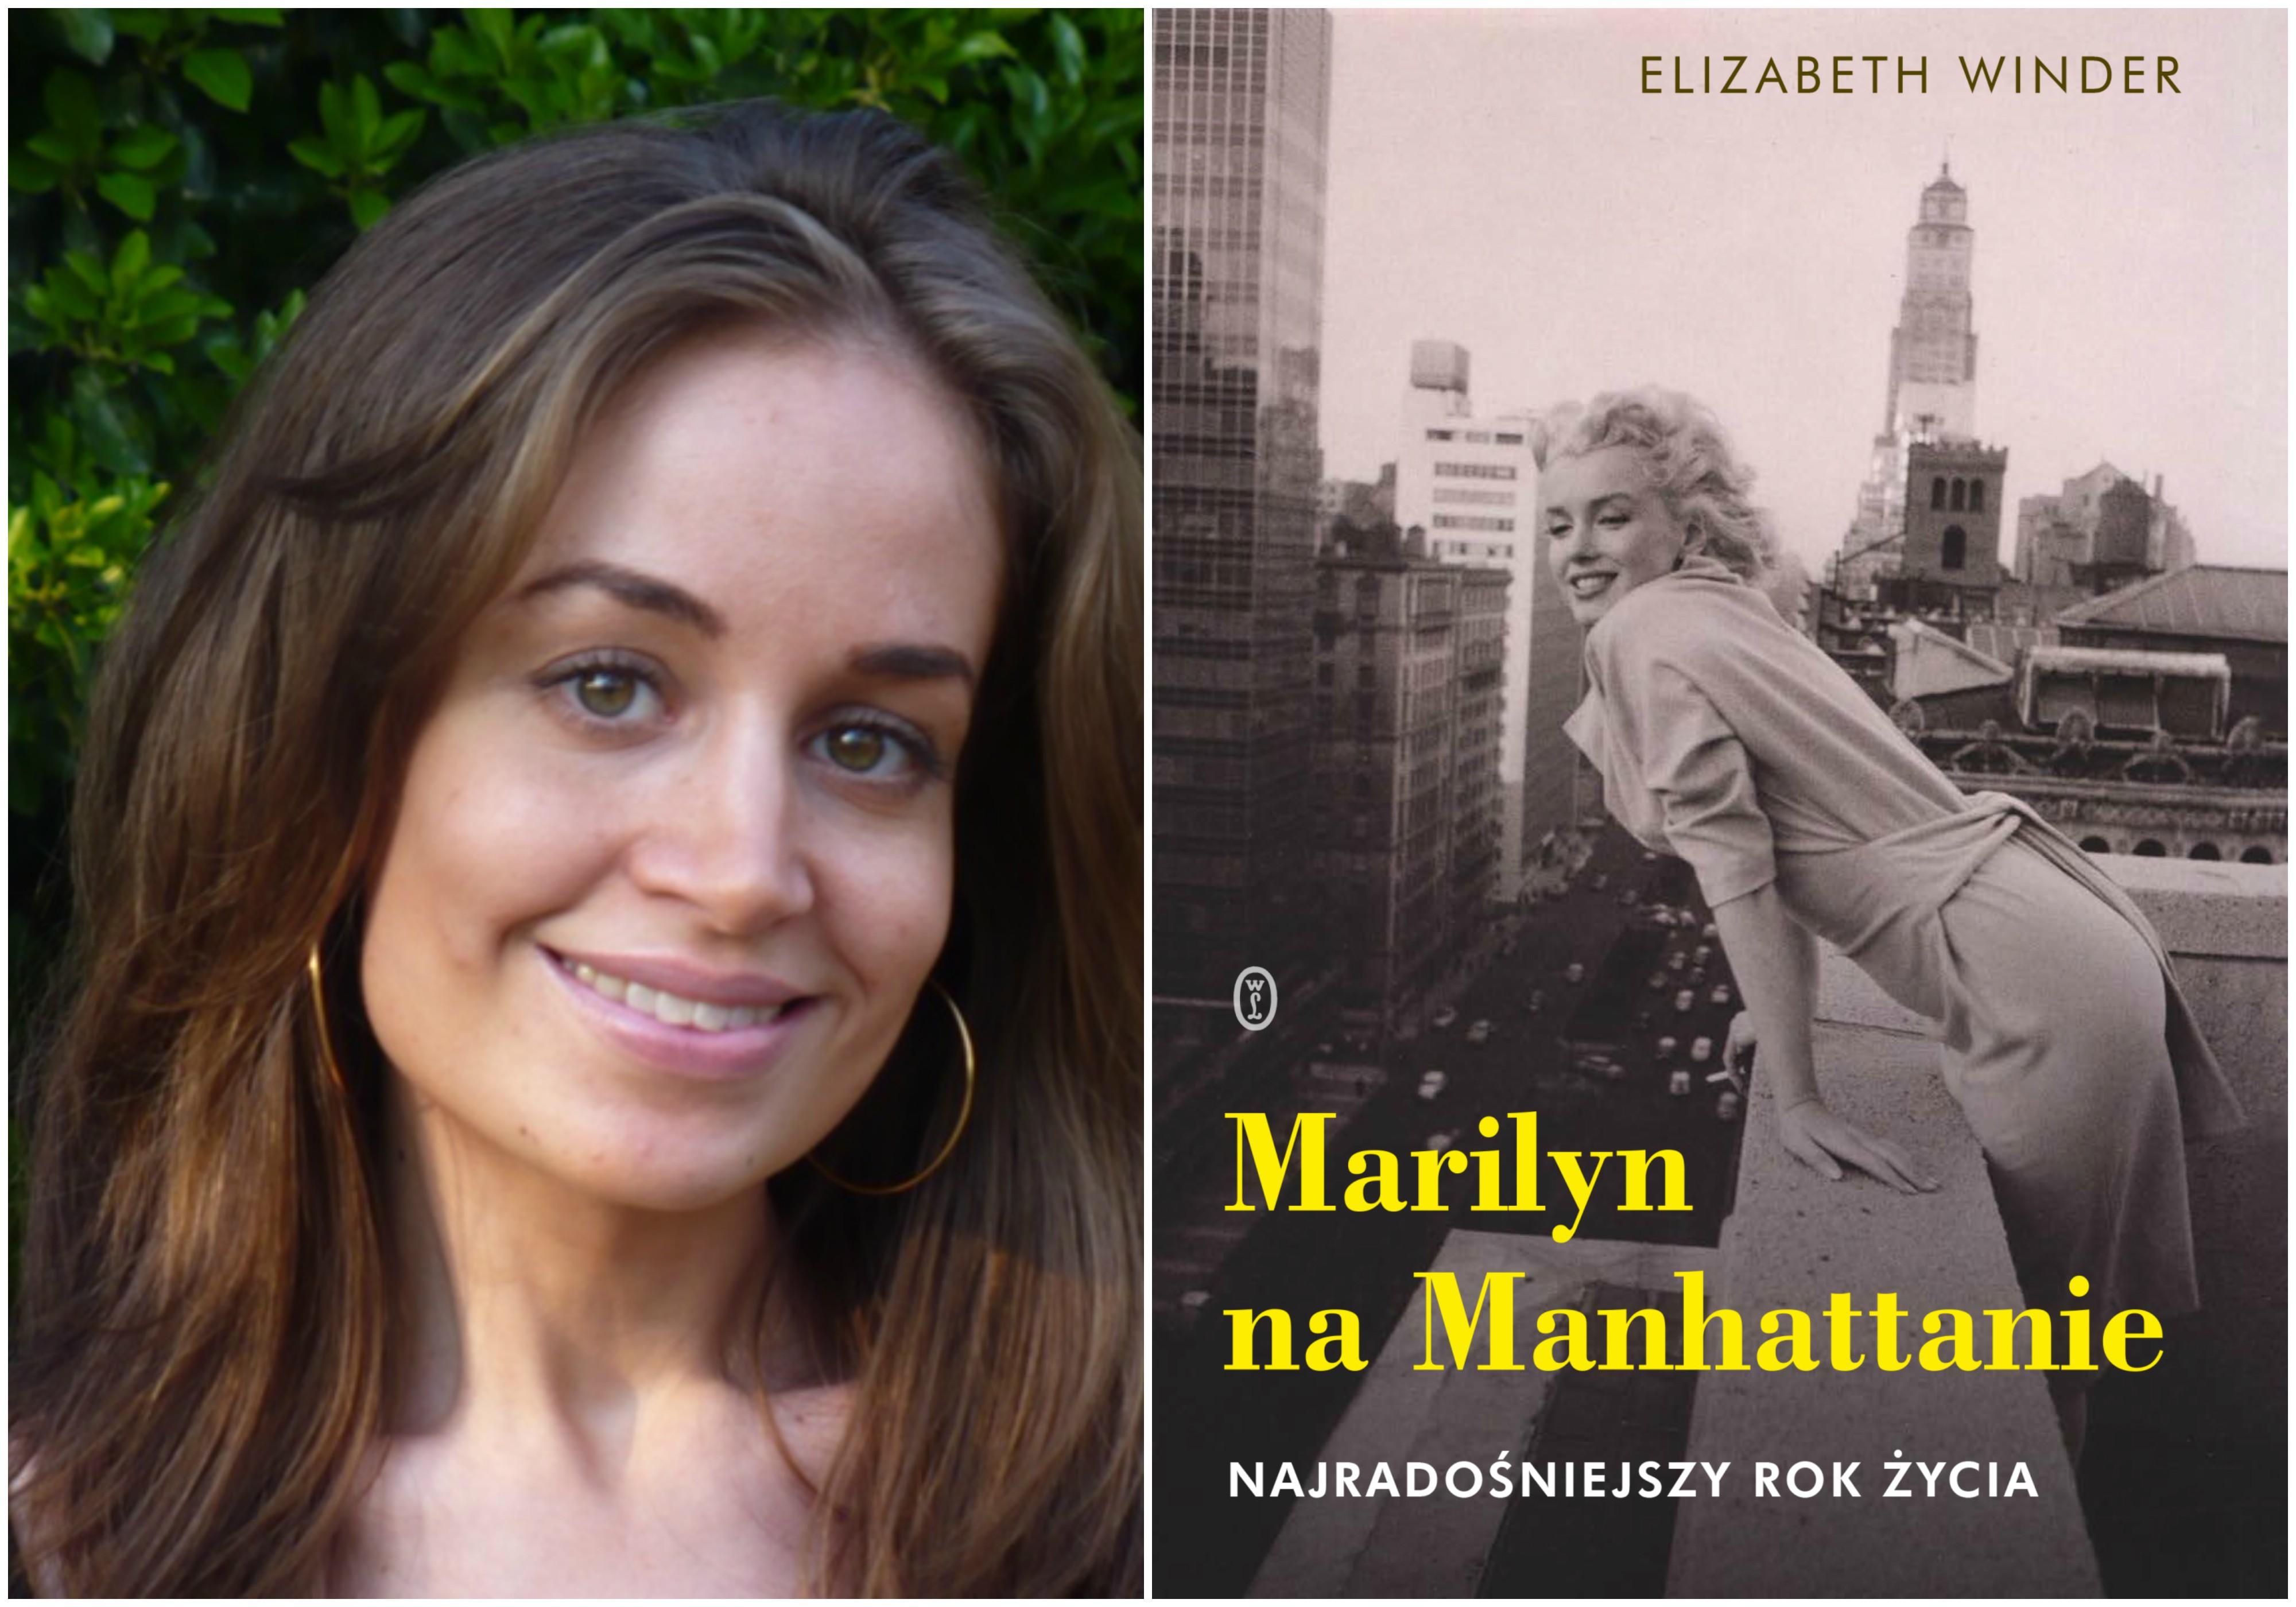 Książka 'Marilyn na Manhattanie' w polskim przekładzie Katarzyny Makaruk ukazała się nakładem Wydawnictwa Literackiego (fot. Joan Winder / materiały prasowe)